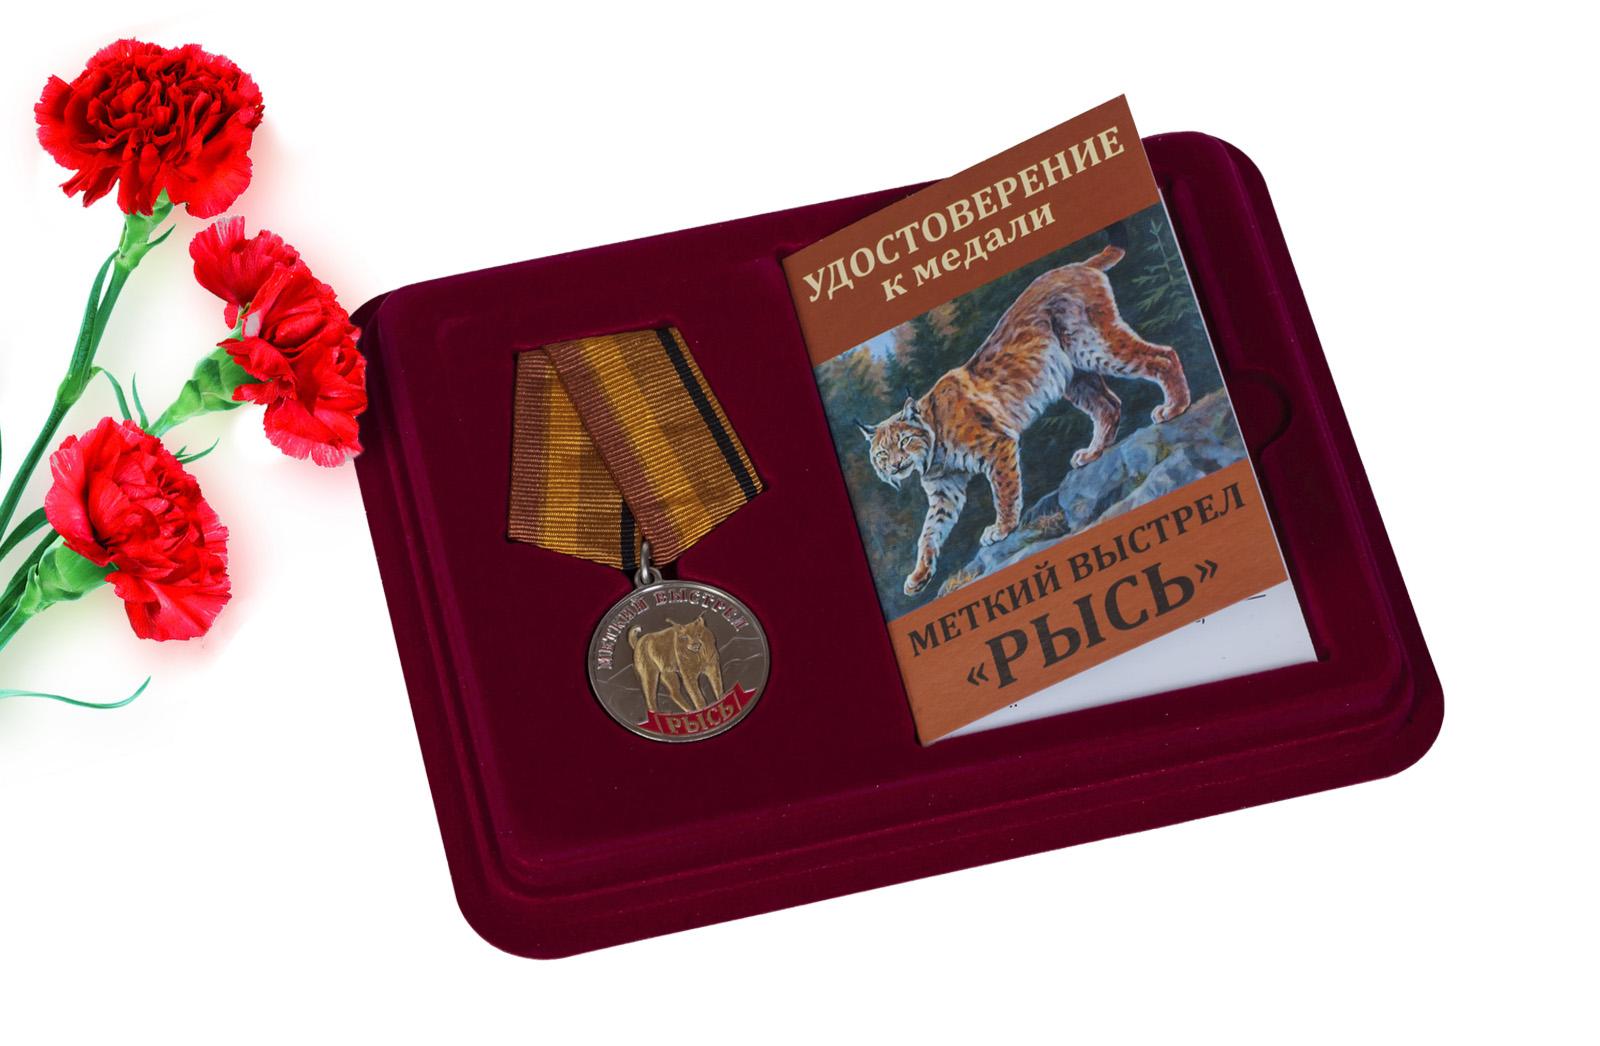 Купить медаль Меткий выстрел Рысь оптом или в розницу